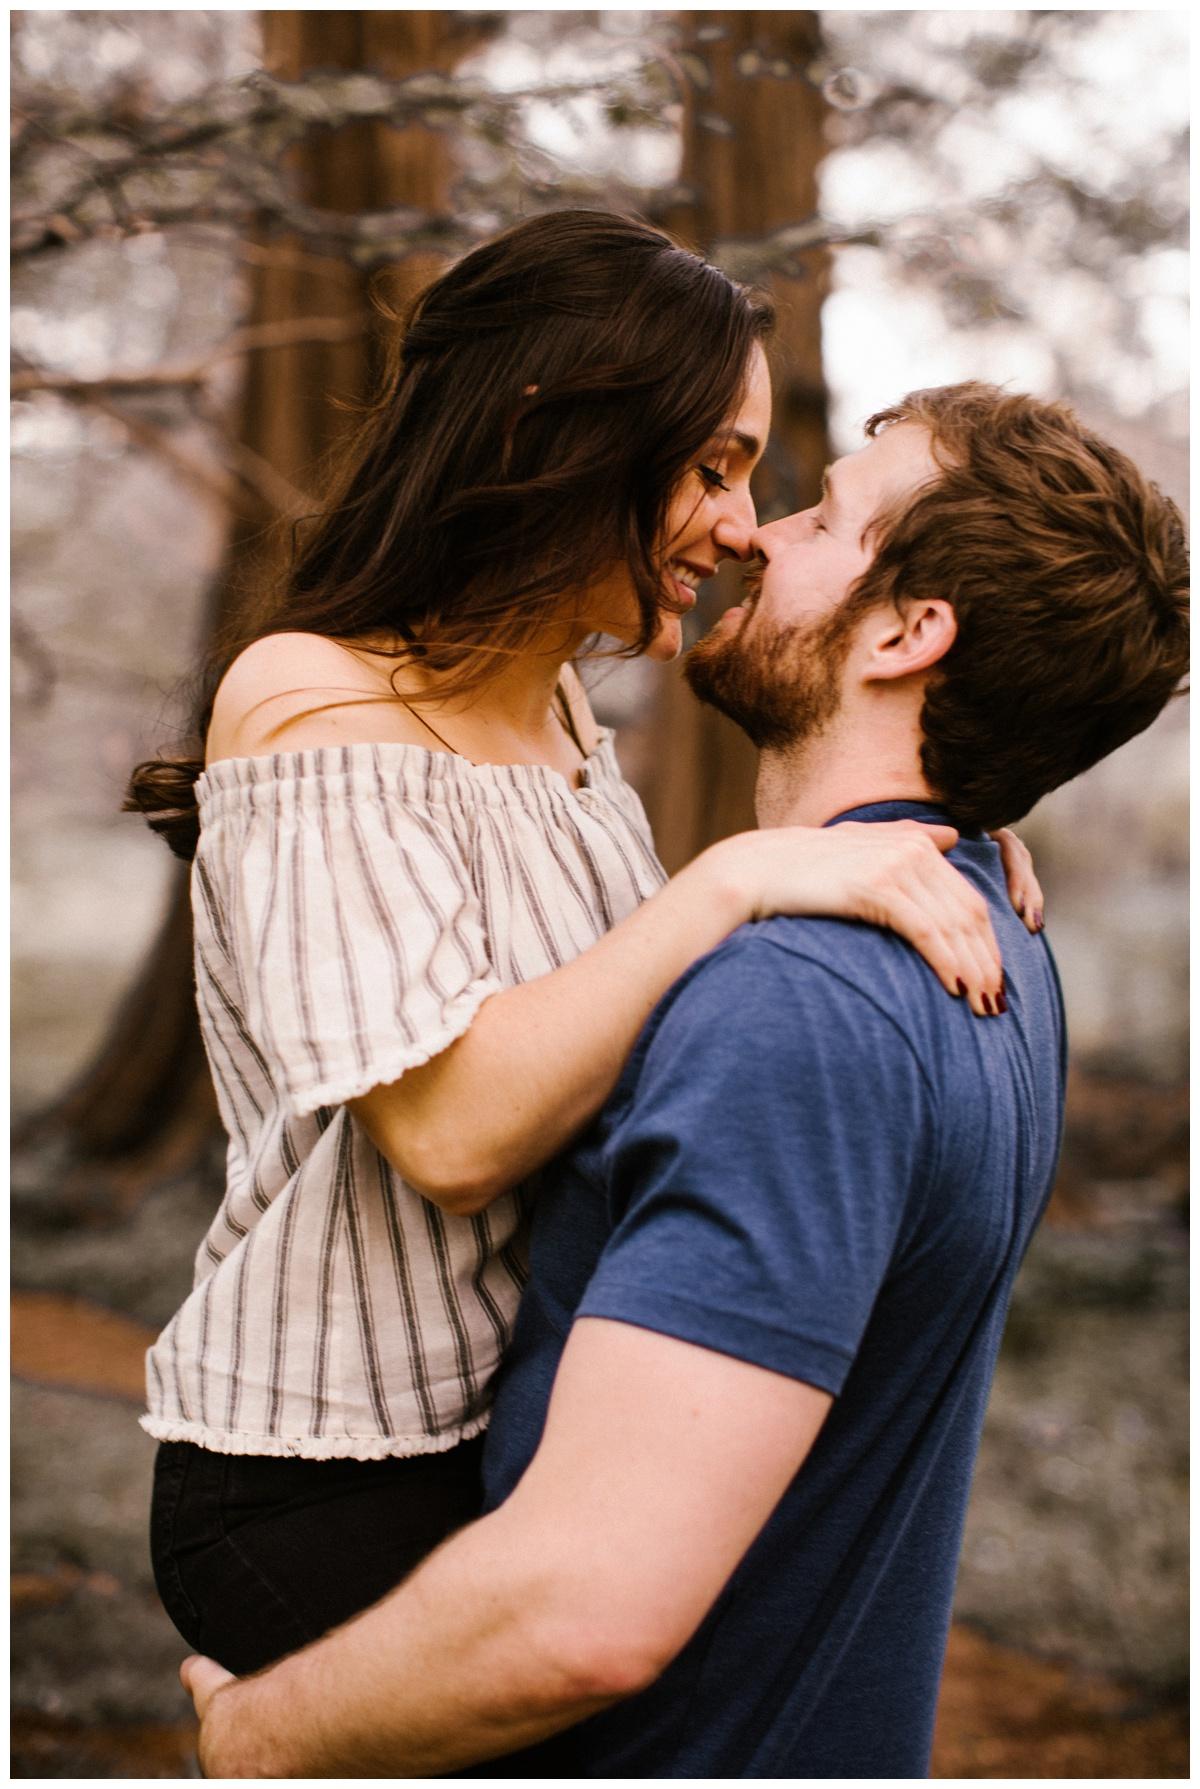 2017-05-30_0019 Megan and Steven - Philadelphia Engagement